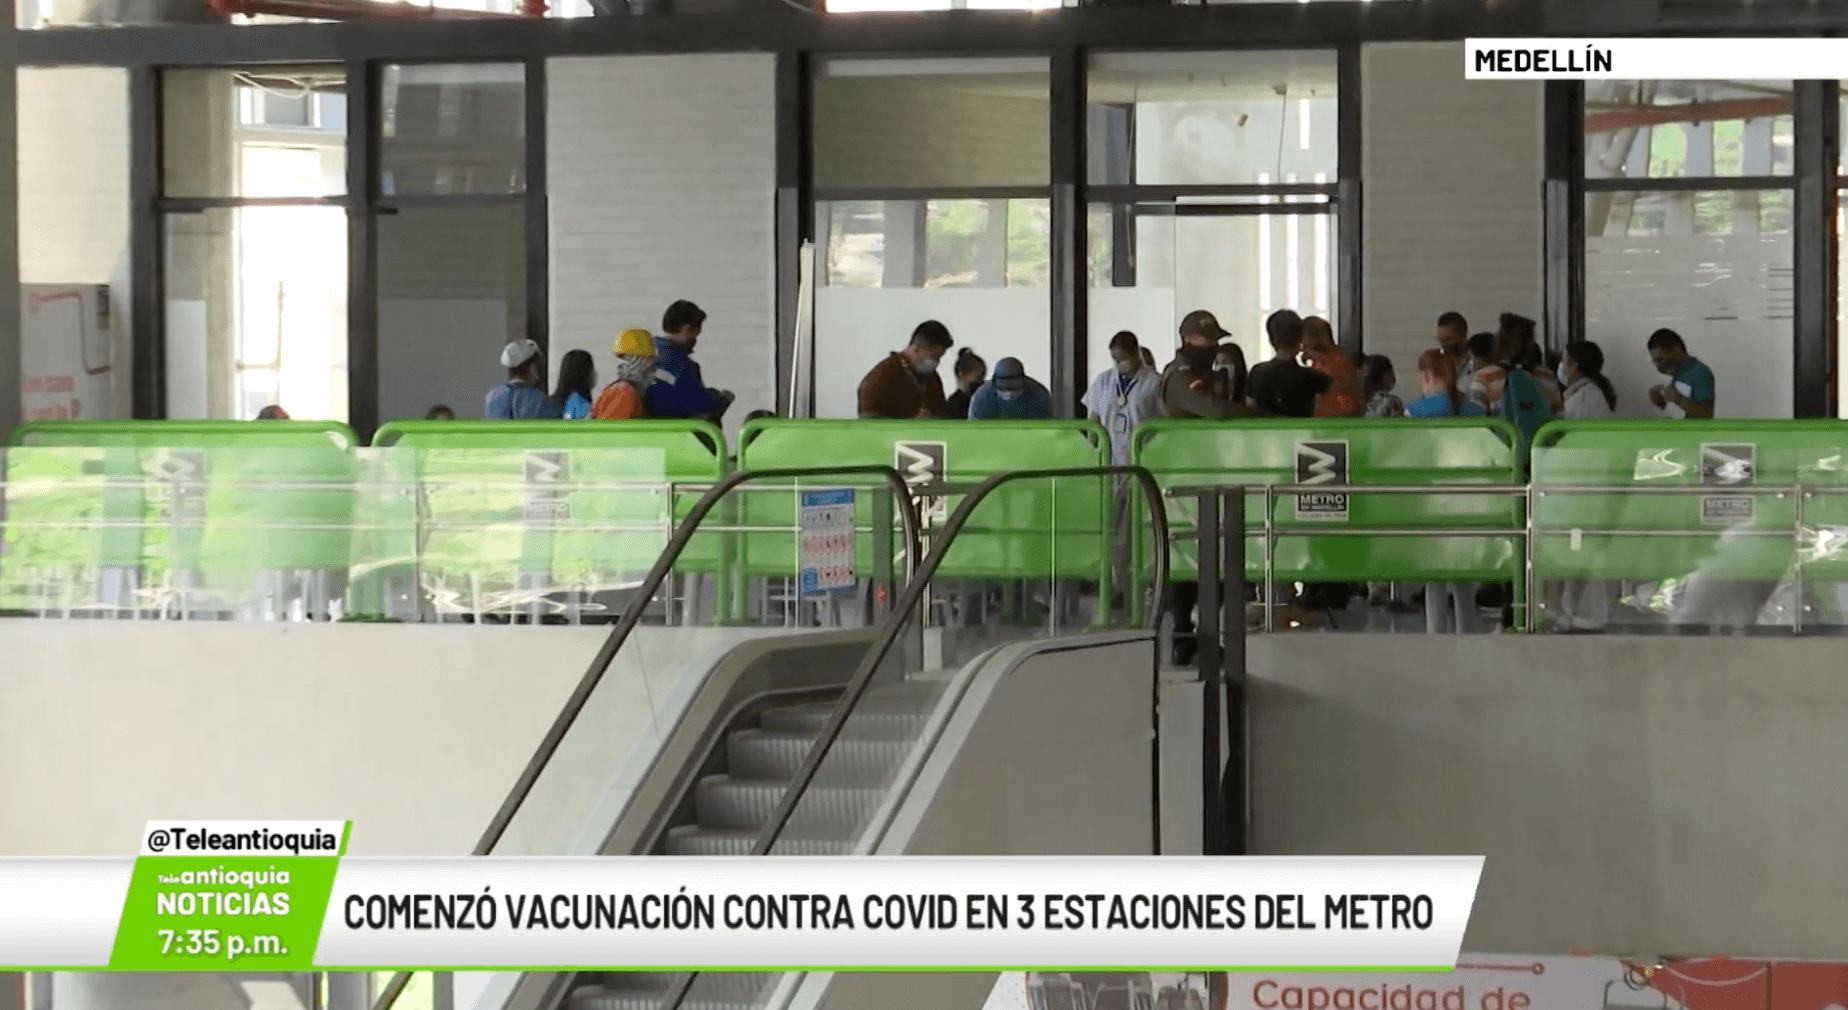 Comenzó vacunación contra Covid-19 en estaciones del Metro